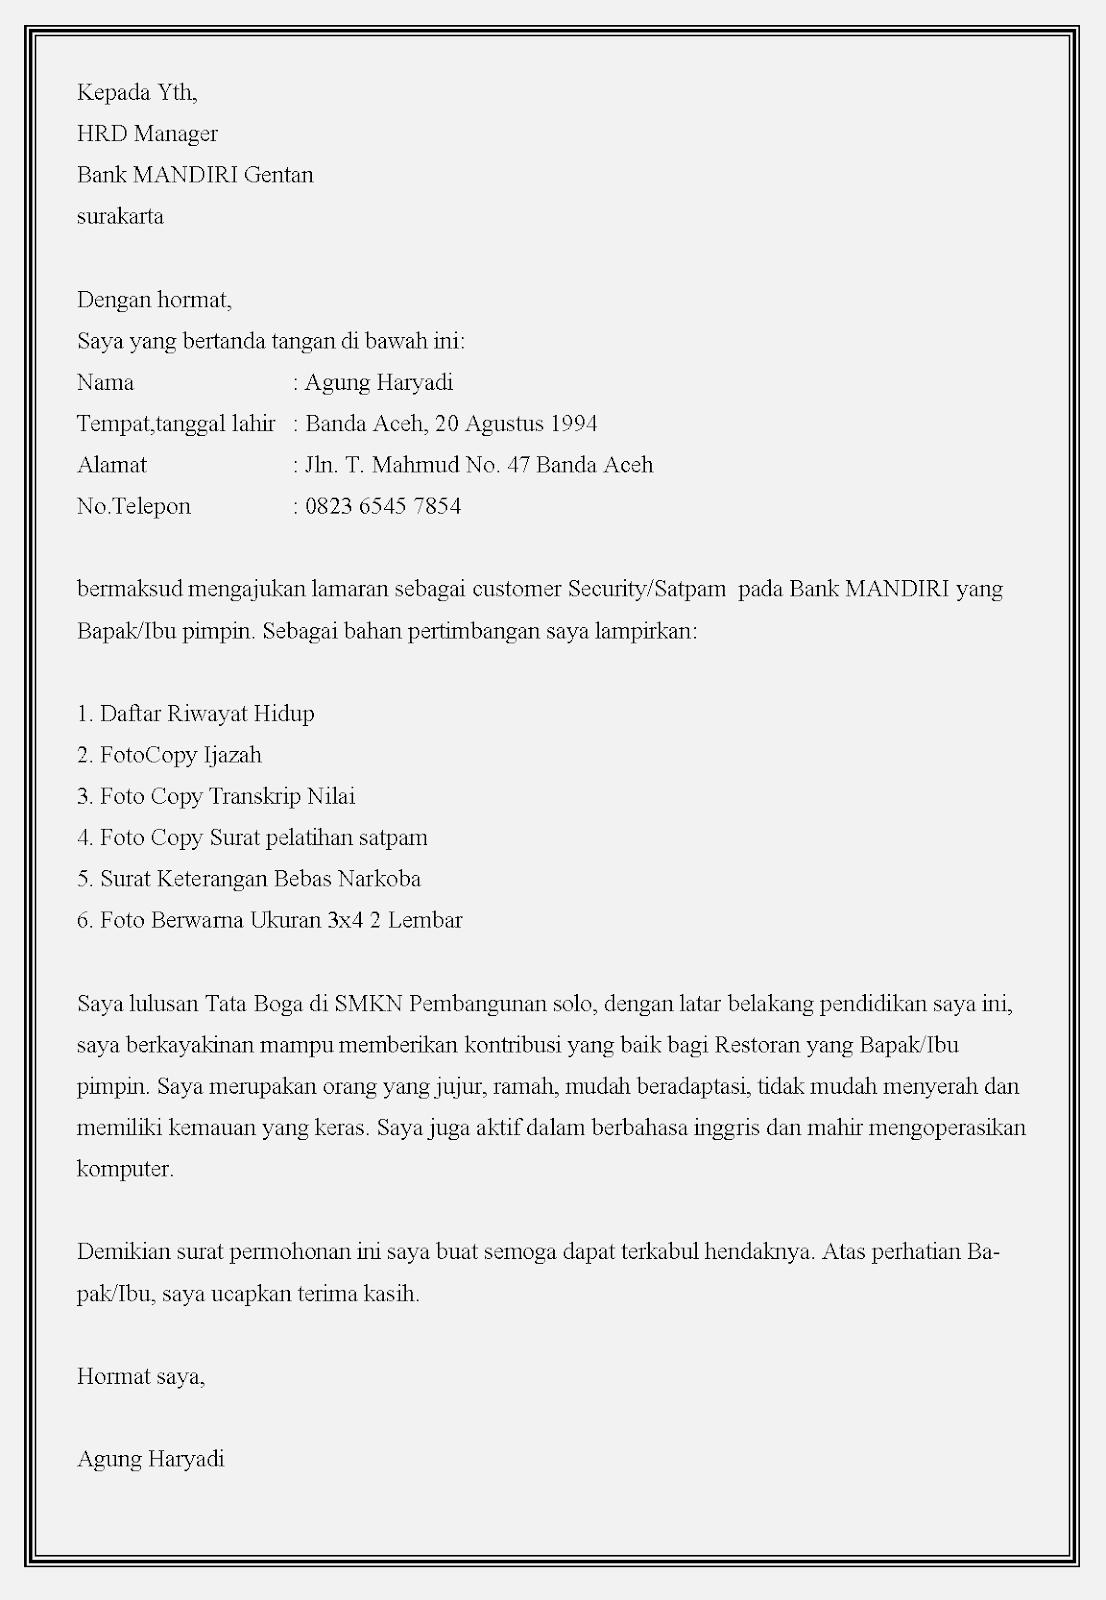 Contoh Surat Lamaran Satpam Bank Bri Kumpulan Contoh Gambar